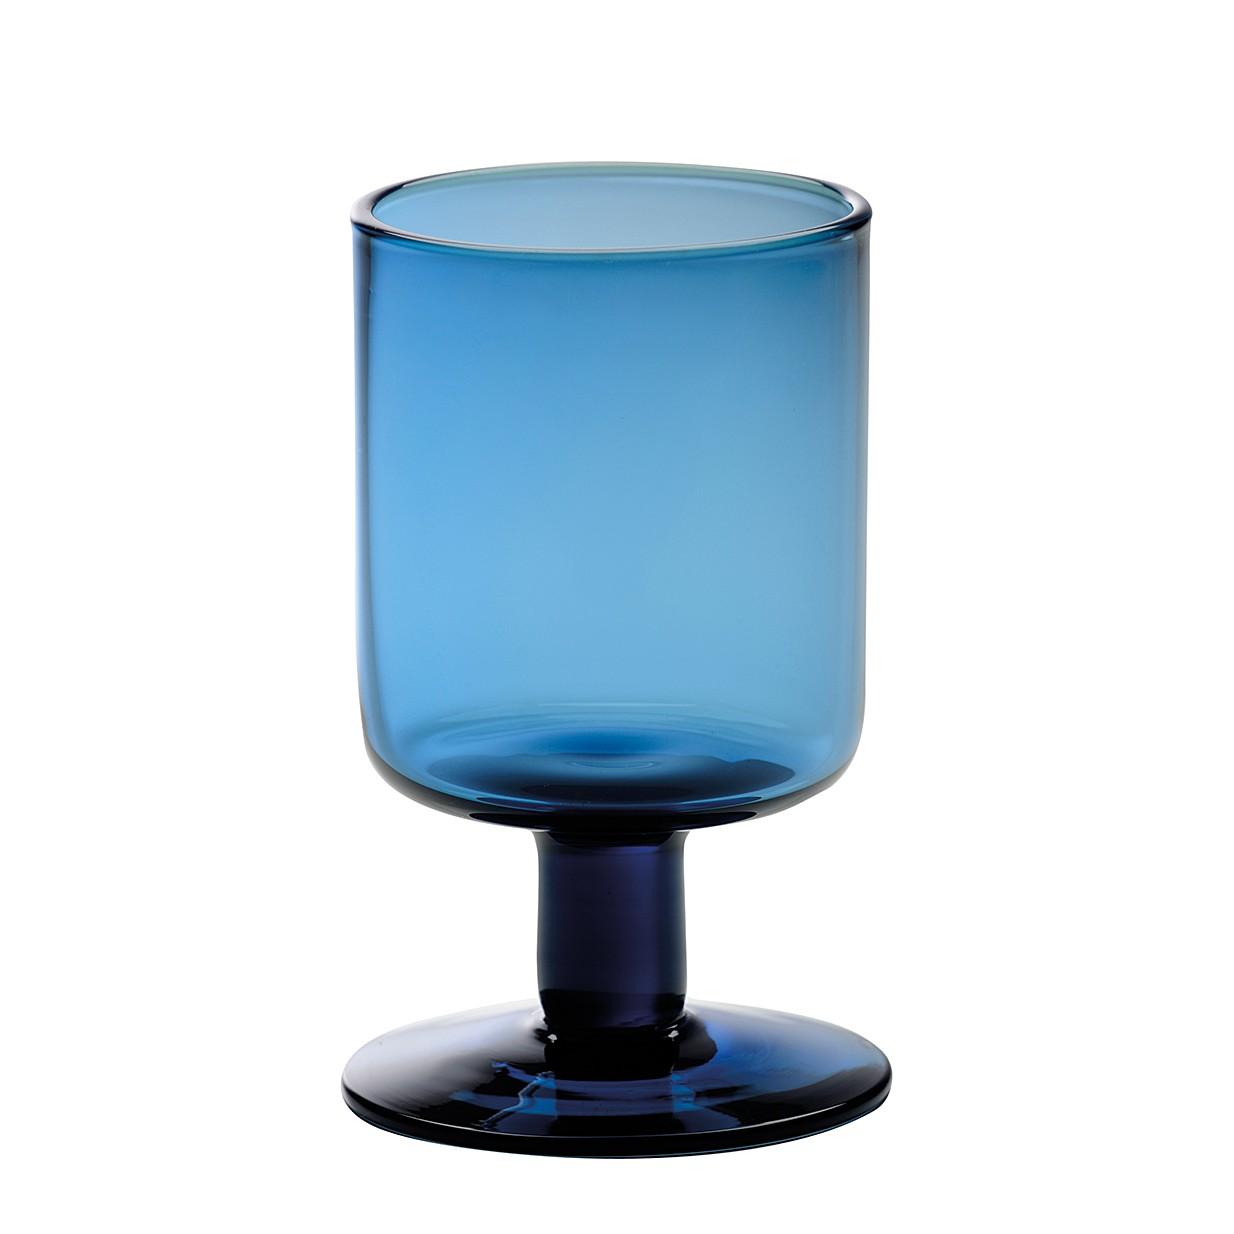 Weinglas Bloom (6er-Set) – Glas – Braun, BITOSSI HOME jetzt kaufen